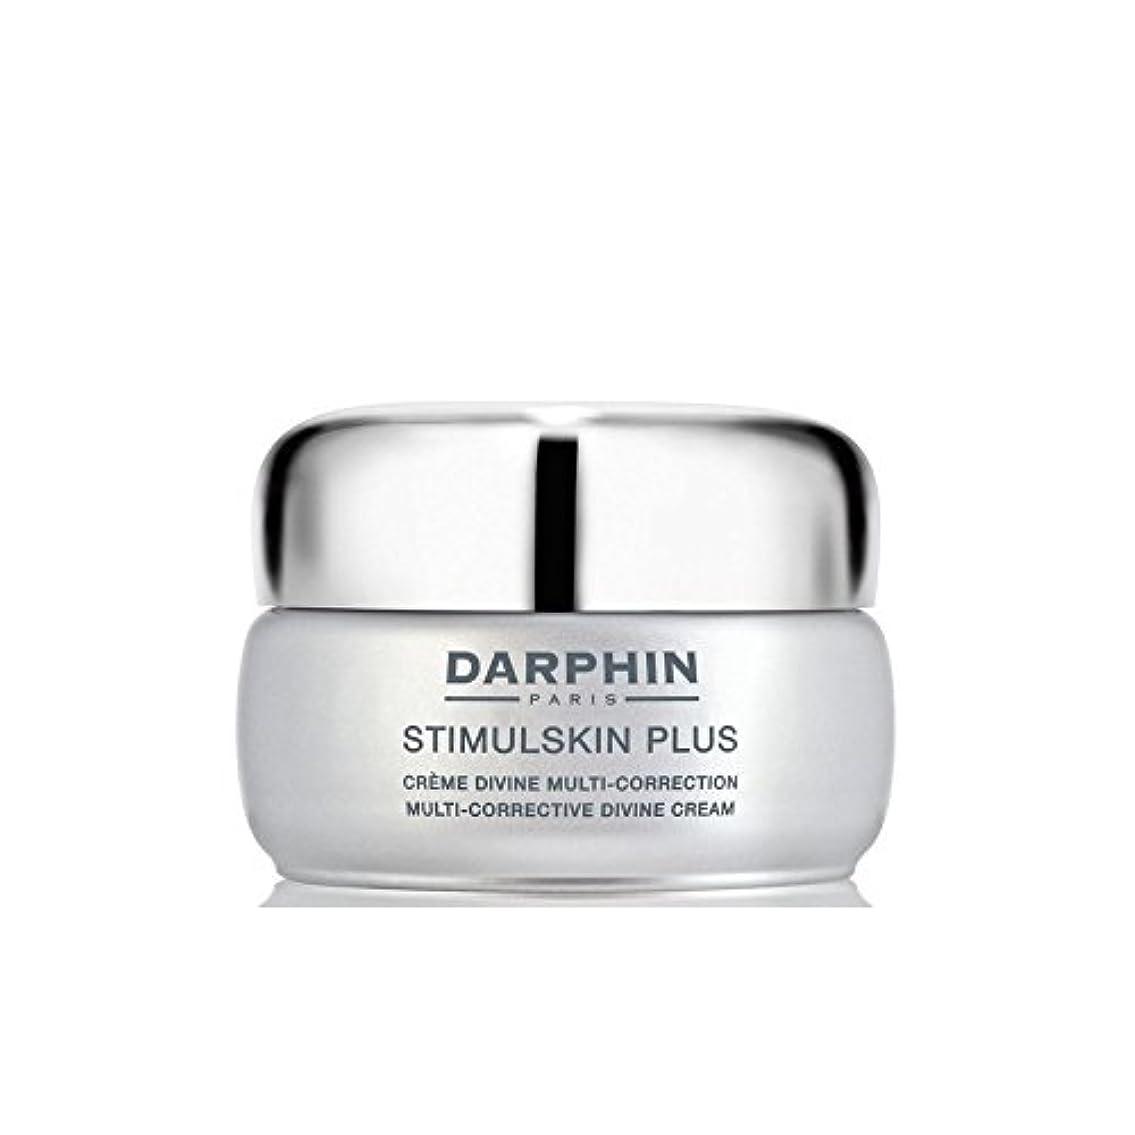 ダルファンスティプラスマルチ是正神クリーム - 豊富 x2 - Darphin Stimulskin Plus Multi-Corrective Divine Cream - Rich (Pack of 2) [並行輸入品]